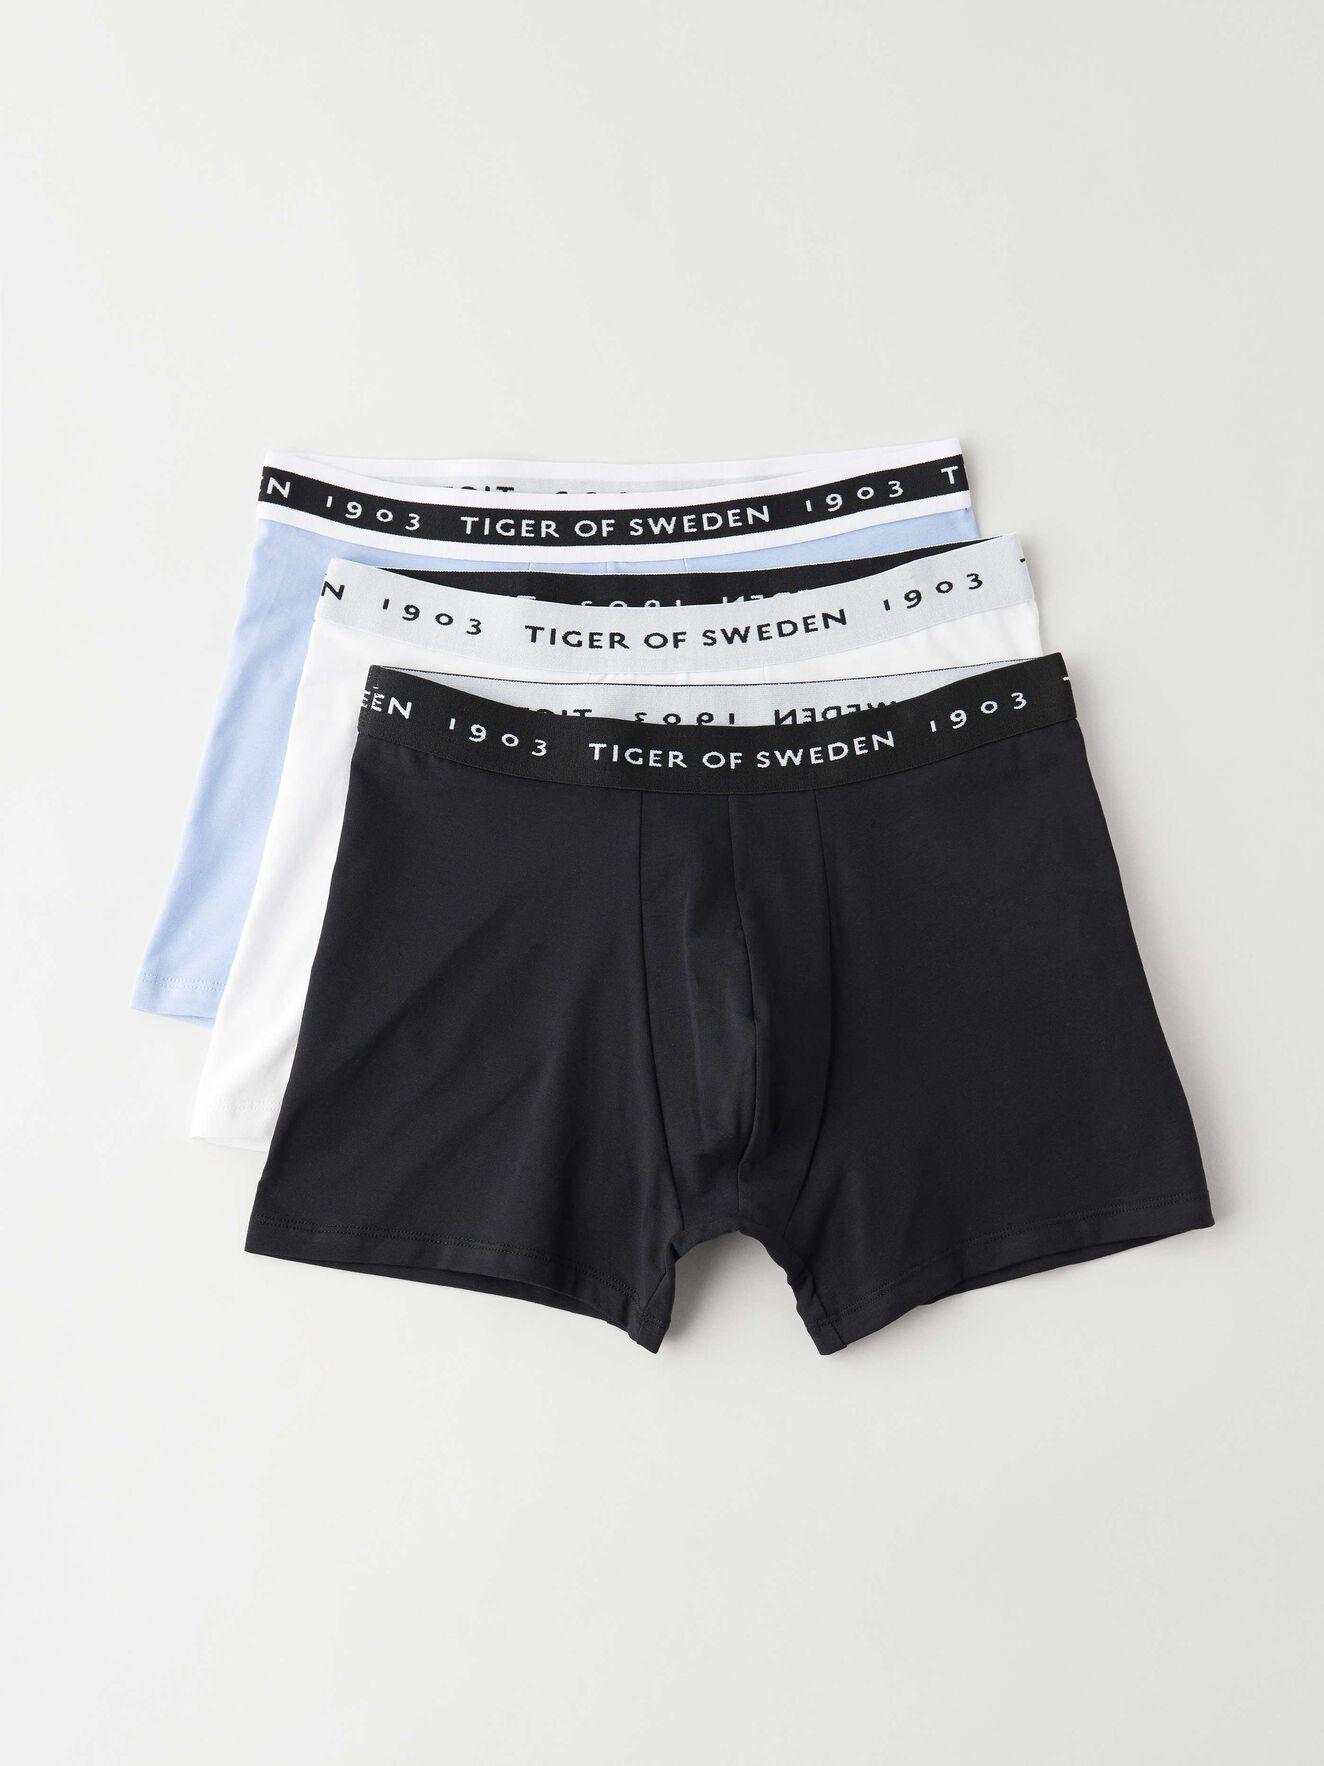 55ad3edafd1 Underwear - Shop men's designer underwear online at Tiger of Sweden